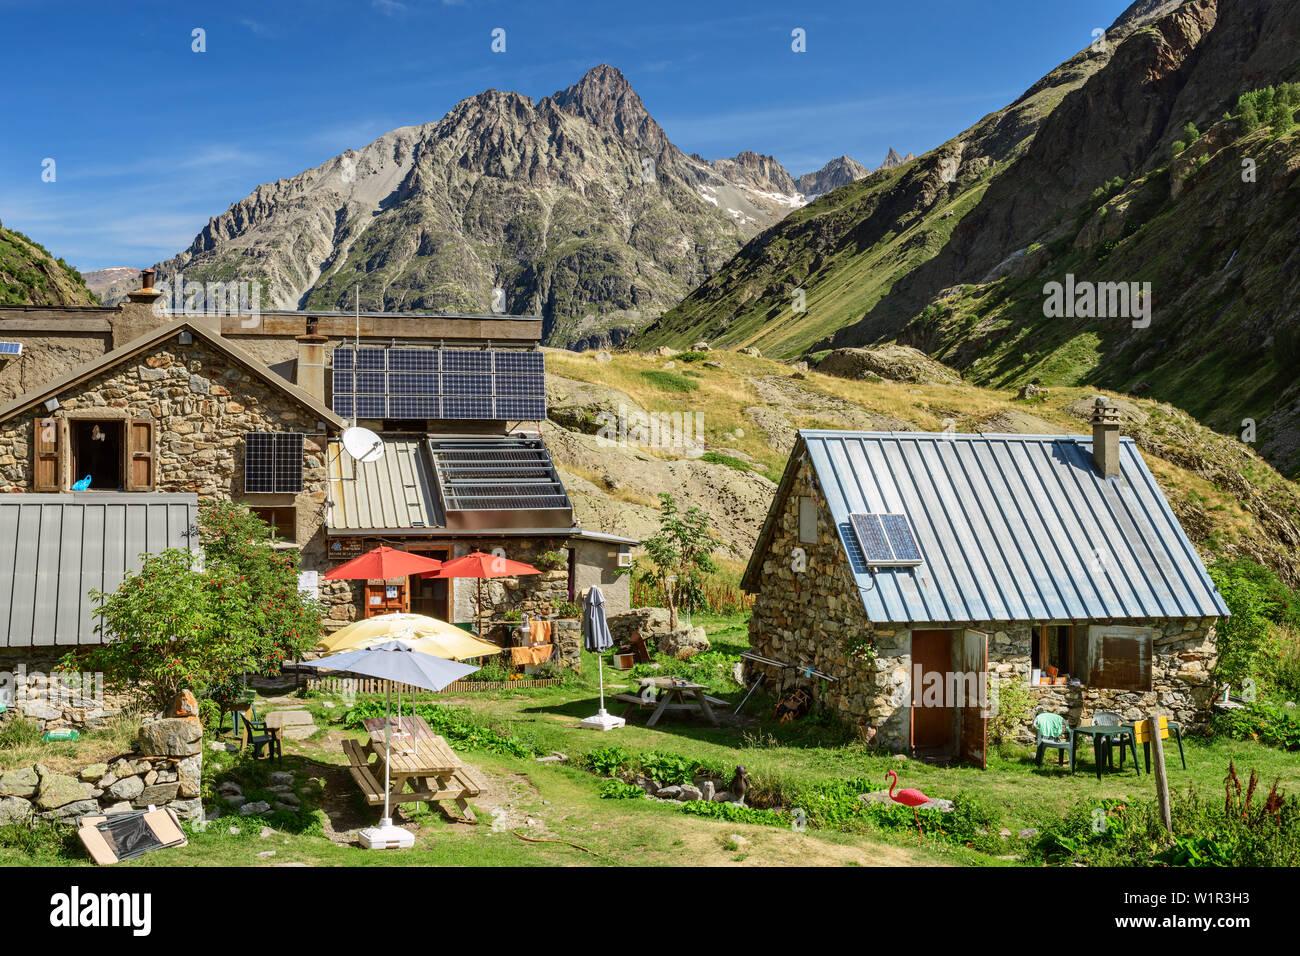 Hut refuge de la lavey with Aiguille Du Plat de La Selle, Ecrins, Ecrins National Park, Dauphiné, Dauphiné, Hautes Alpes, France - Stock Image